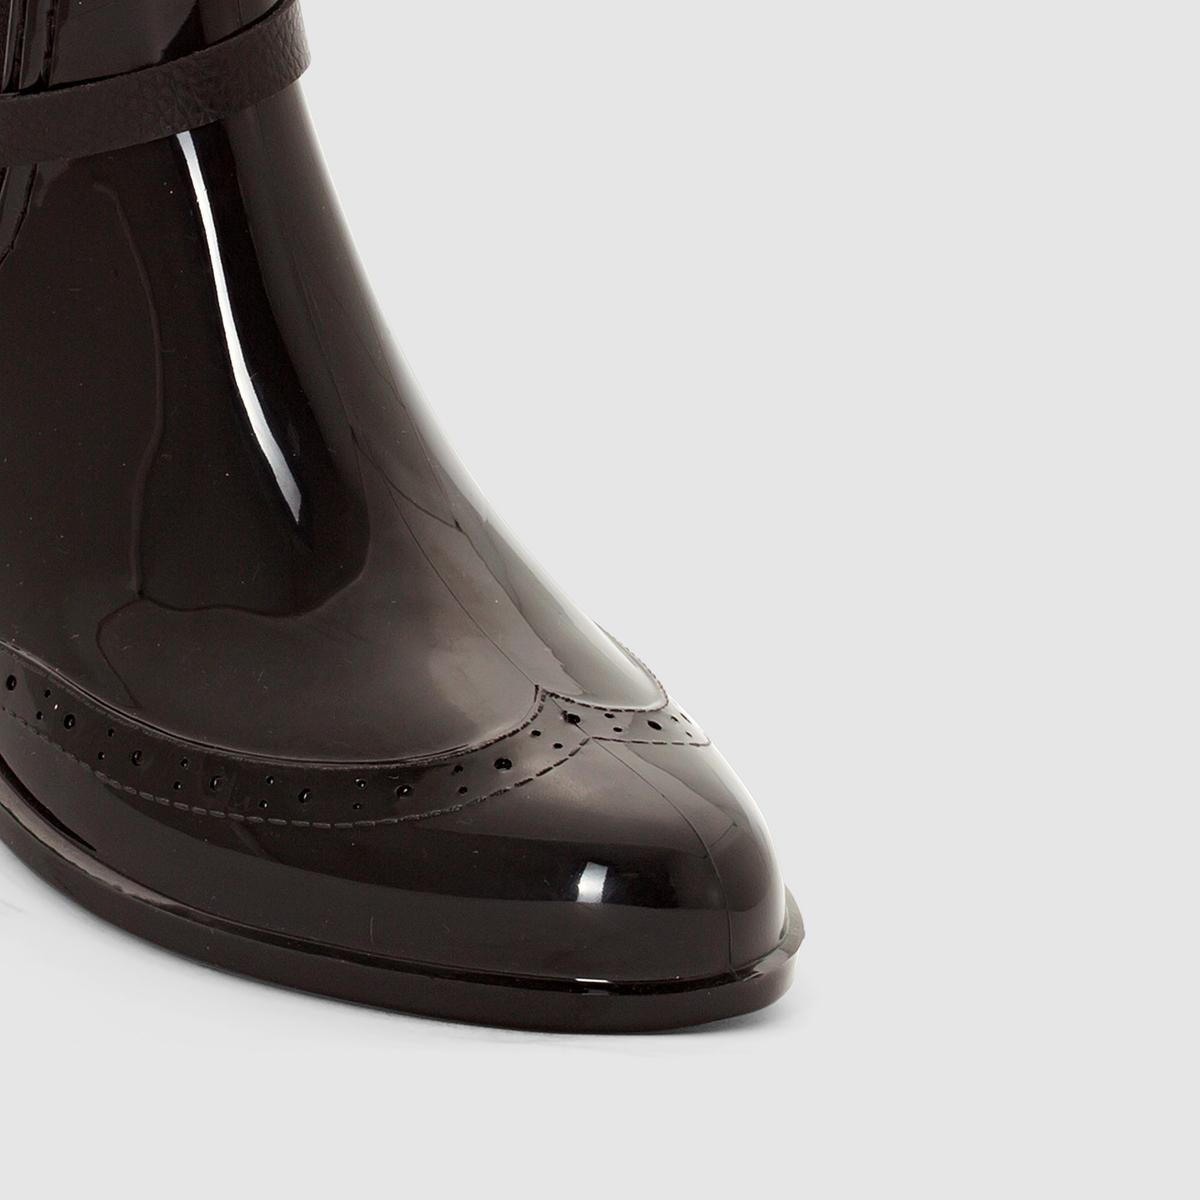 Ботинки непромокаемые DakotaВерх : ПВХ    Подкладка : Viscose   Стелька : текстиль   Подошва : ПВХ   Форма каблука : плоская   Мысок : закругленный   Застежка : без застежки<br><br>Цвет: черный<br>Размер: 41.40.39